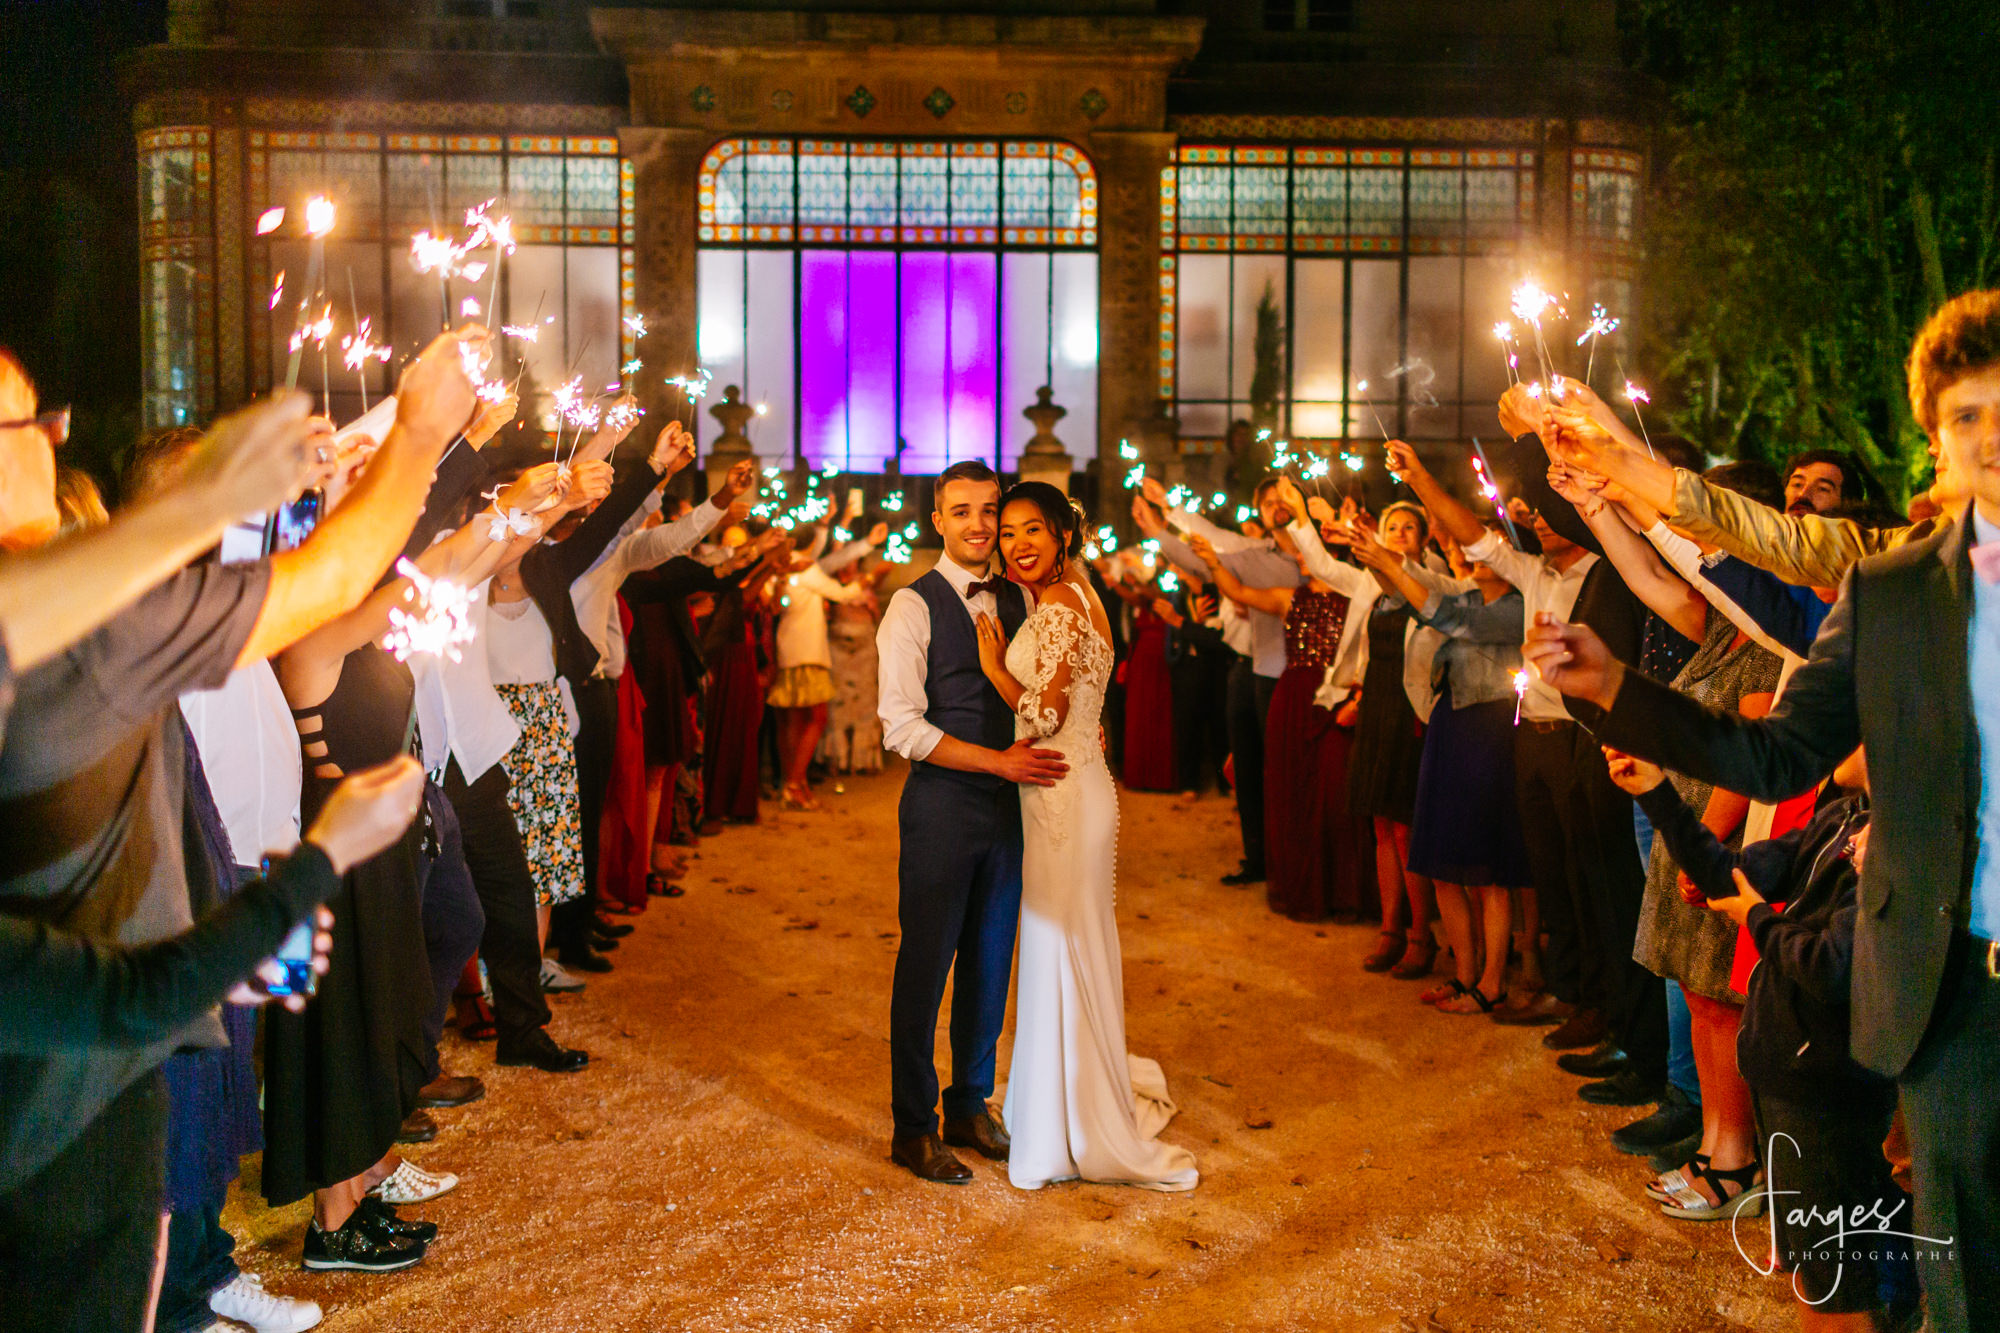 maries-mariage-wedding-bride-groom-wedding-sparklers-verriere-vitraux-allee-honneur-provence-aix-salon-13